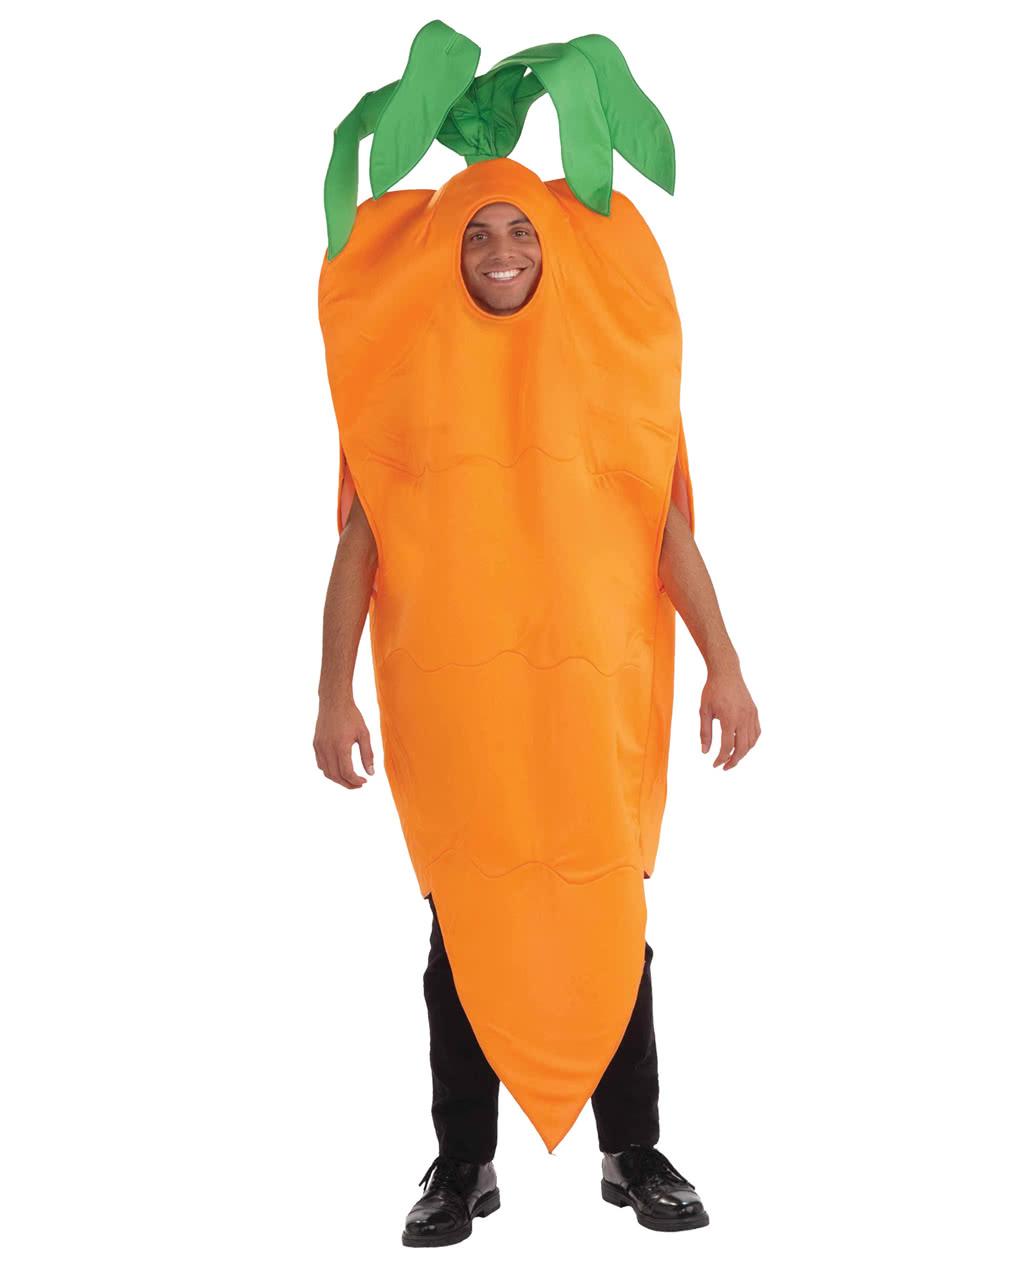 Karotten Kostüm Unisex zum Faschingszug